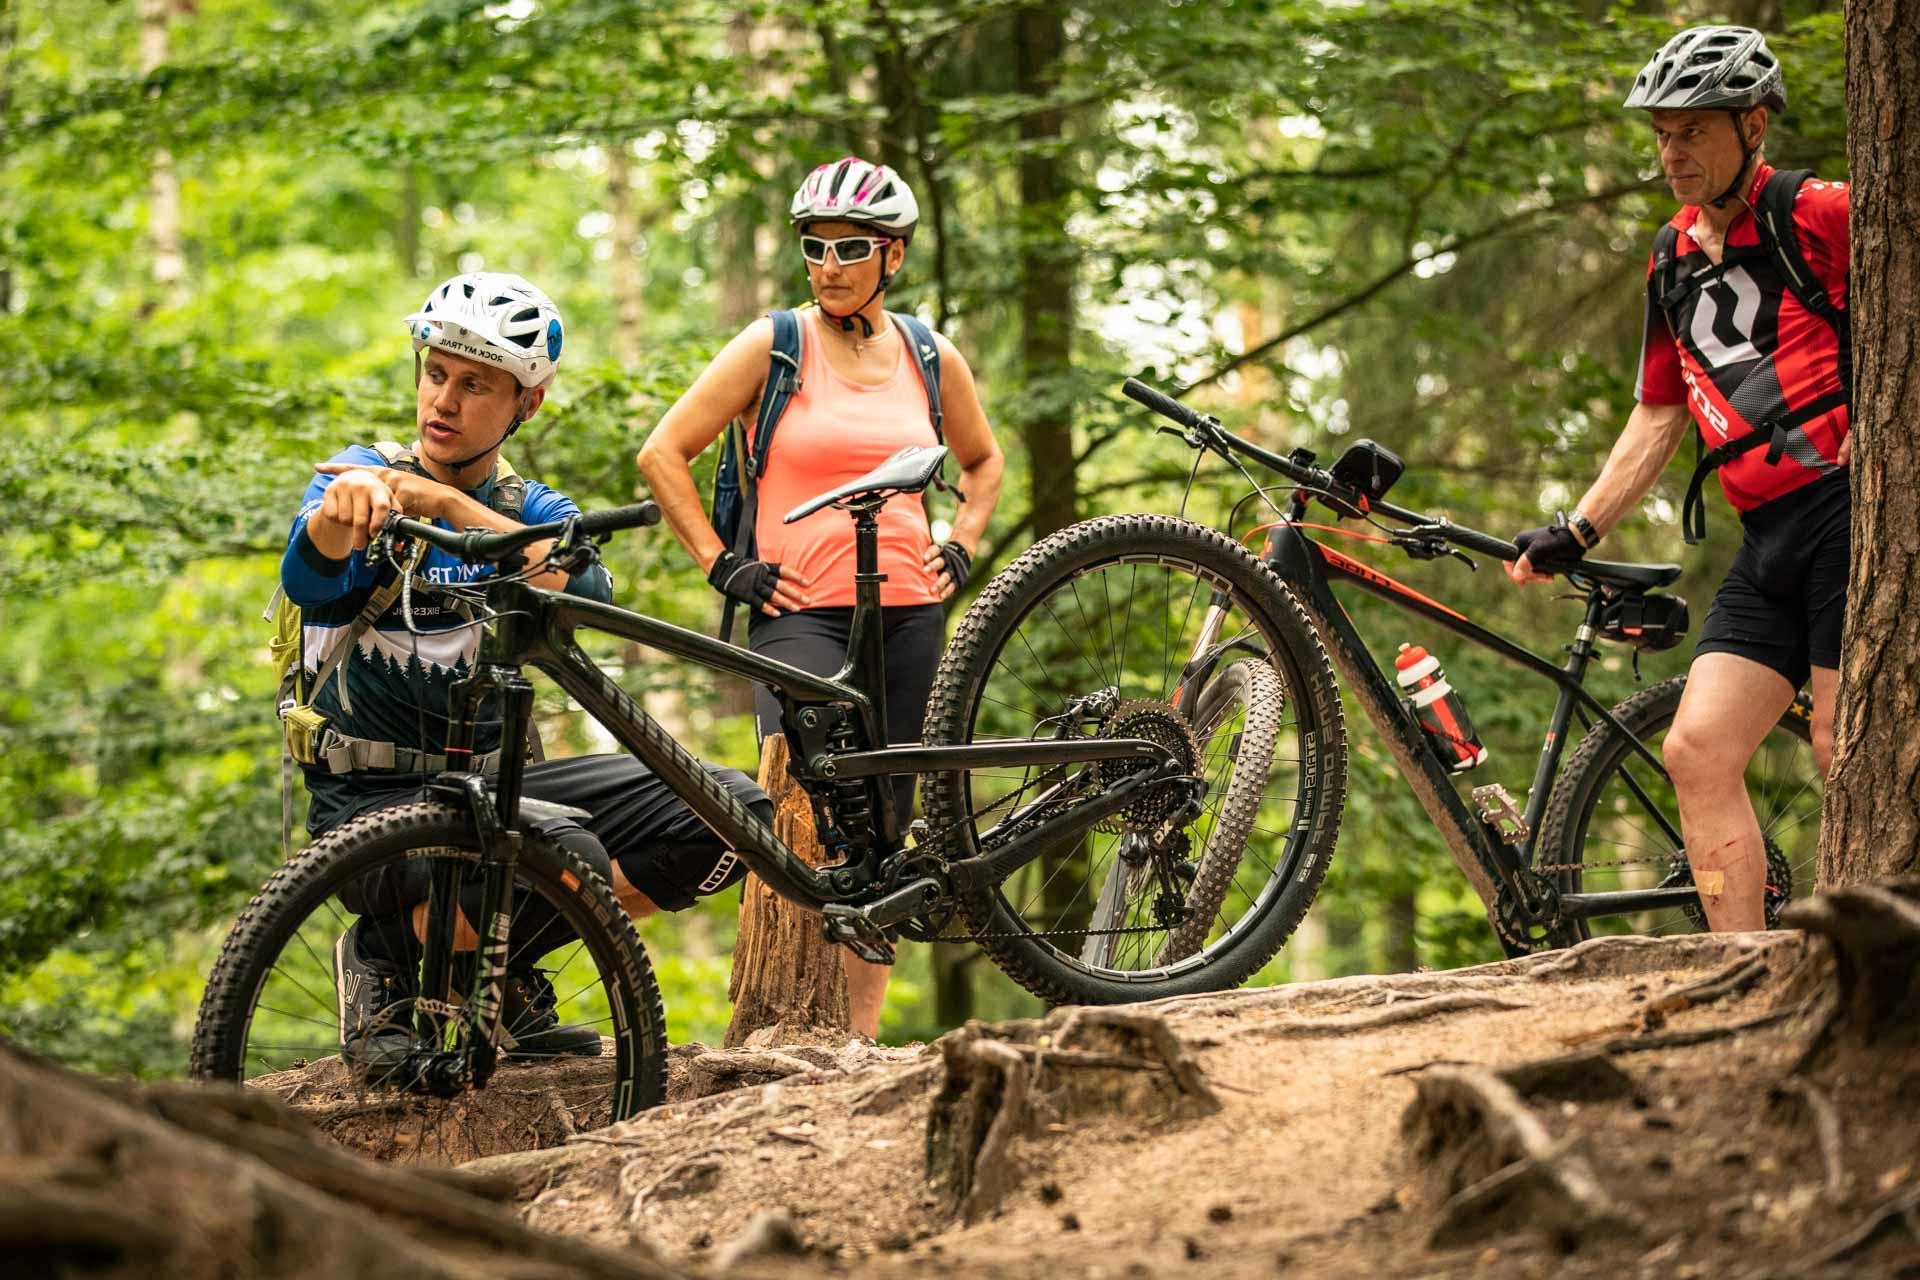 MTB Fahrtechnik Kurs für Einsteiger in Regensburg - Bayern - Mountainbike Basic - Rock my Trail Bikeschule